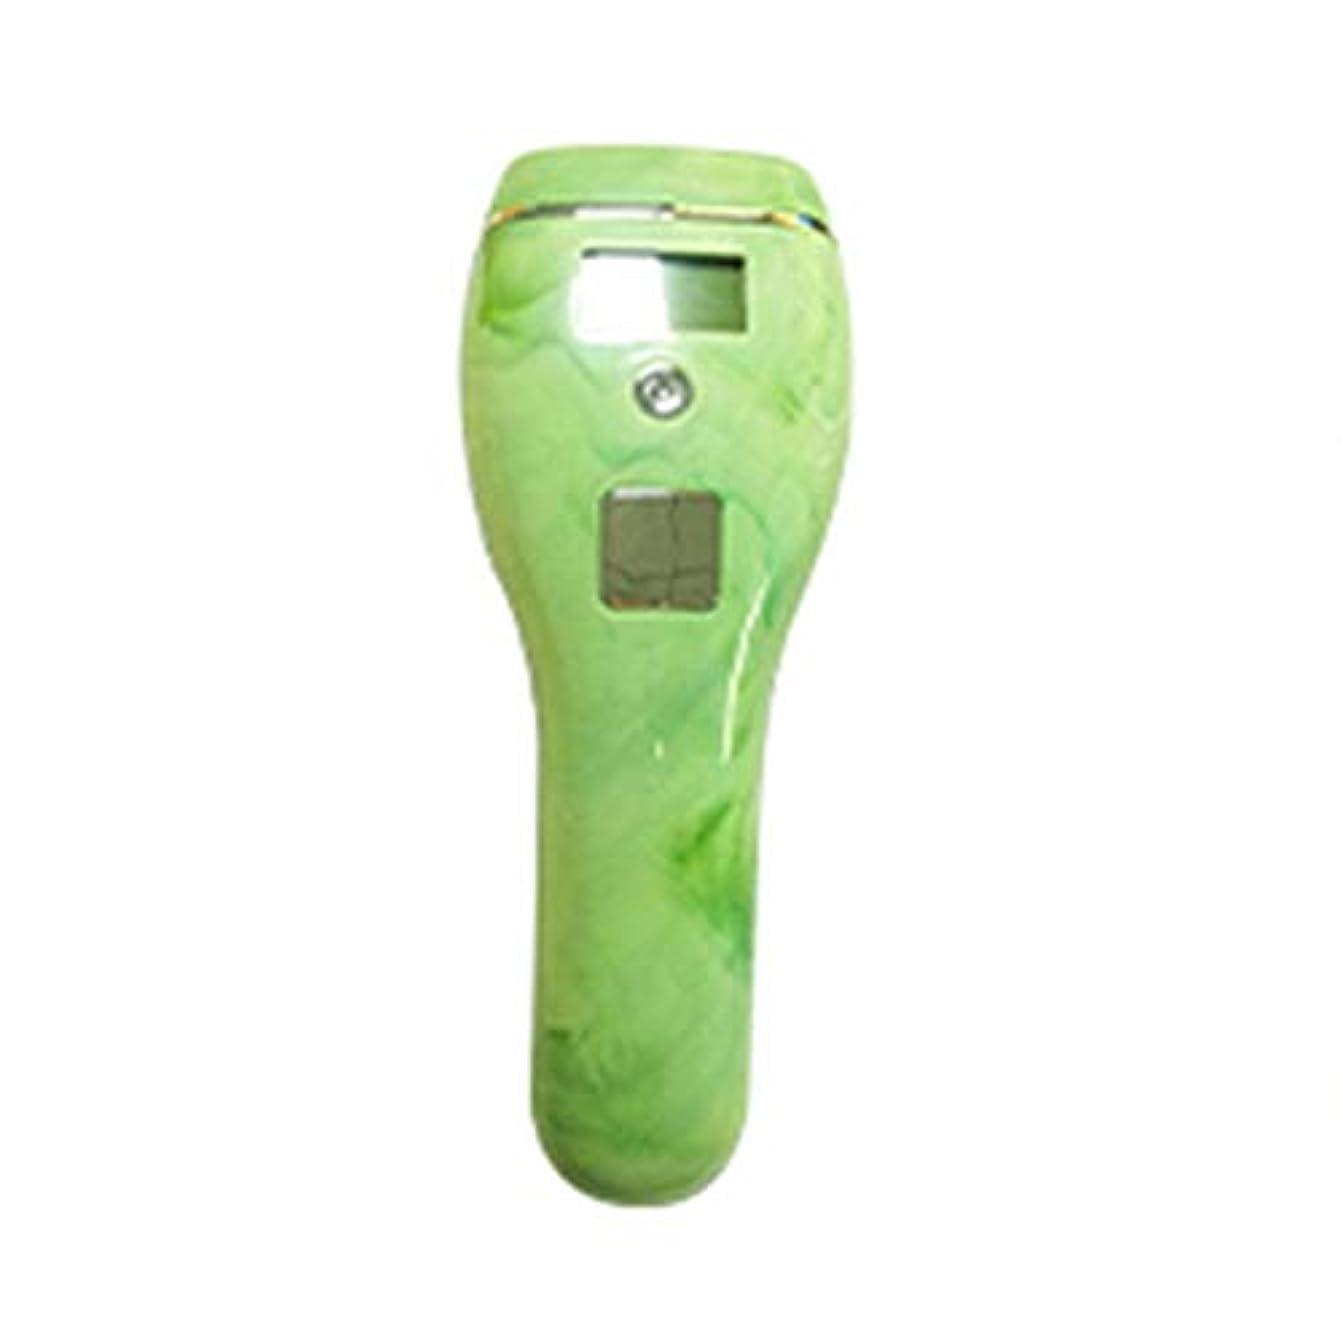 観察する休み幾分Xihouxian 自動肌のカラーセンシング、グリーン、5速調整、クォーツチューブ、携帯用痛みのない全身凍結乾燥用除湿器、サイズ19x7x5cm D40 (Color : Green)